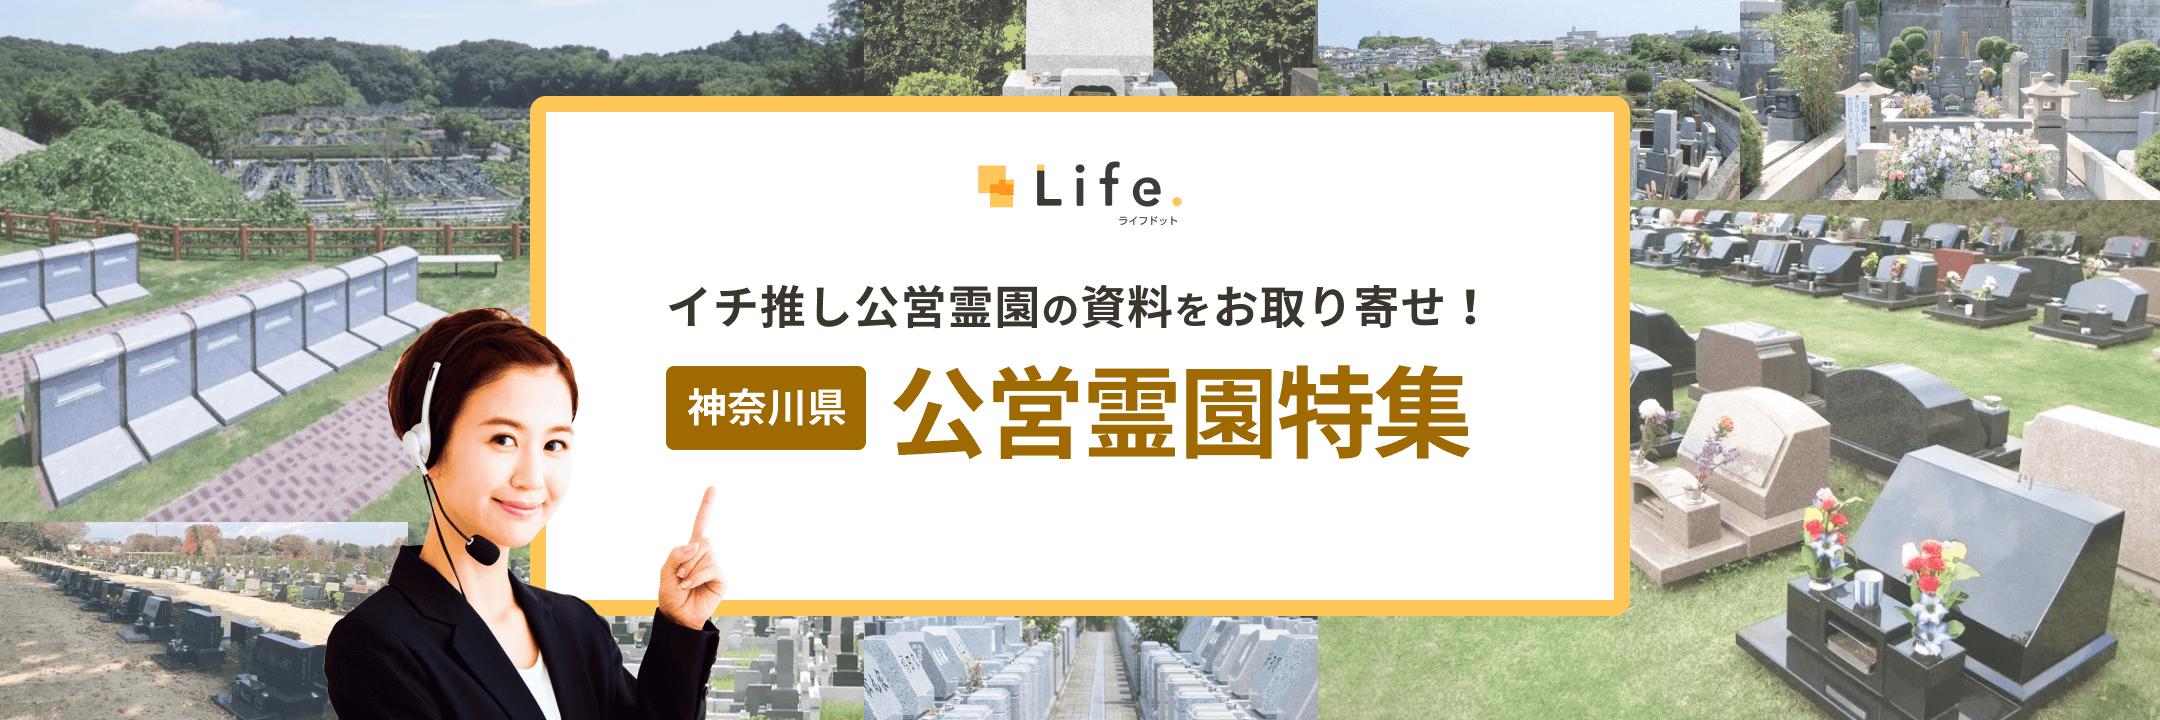 神奈川イチ推し公営霊園特集